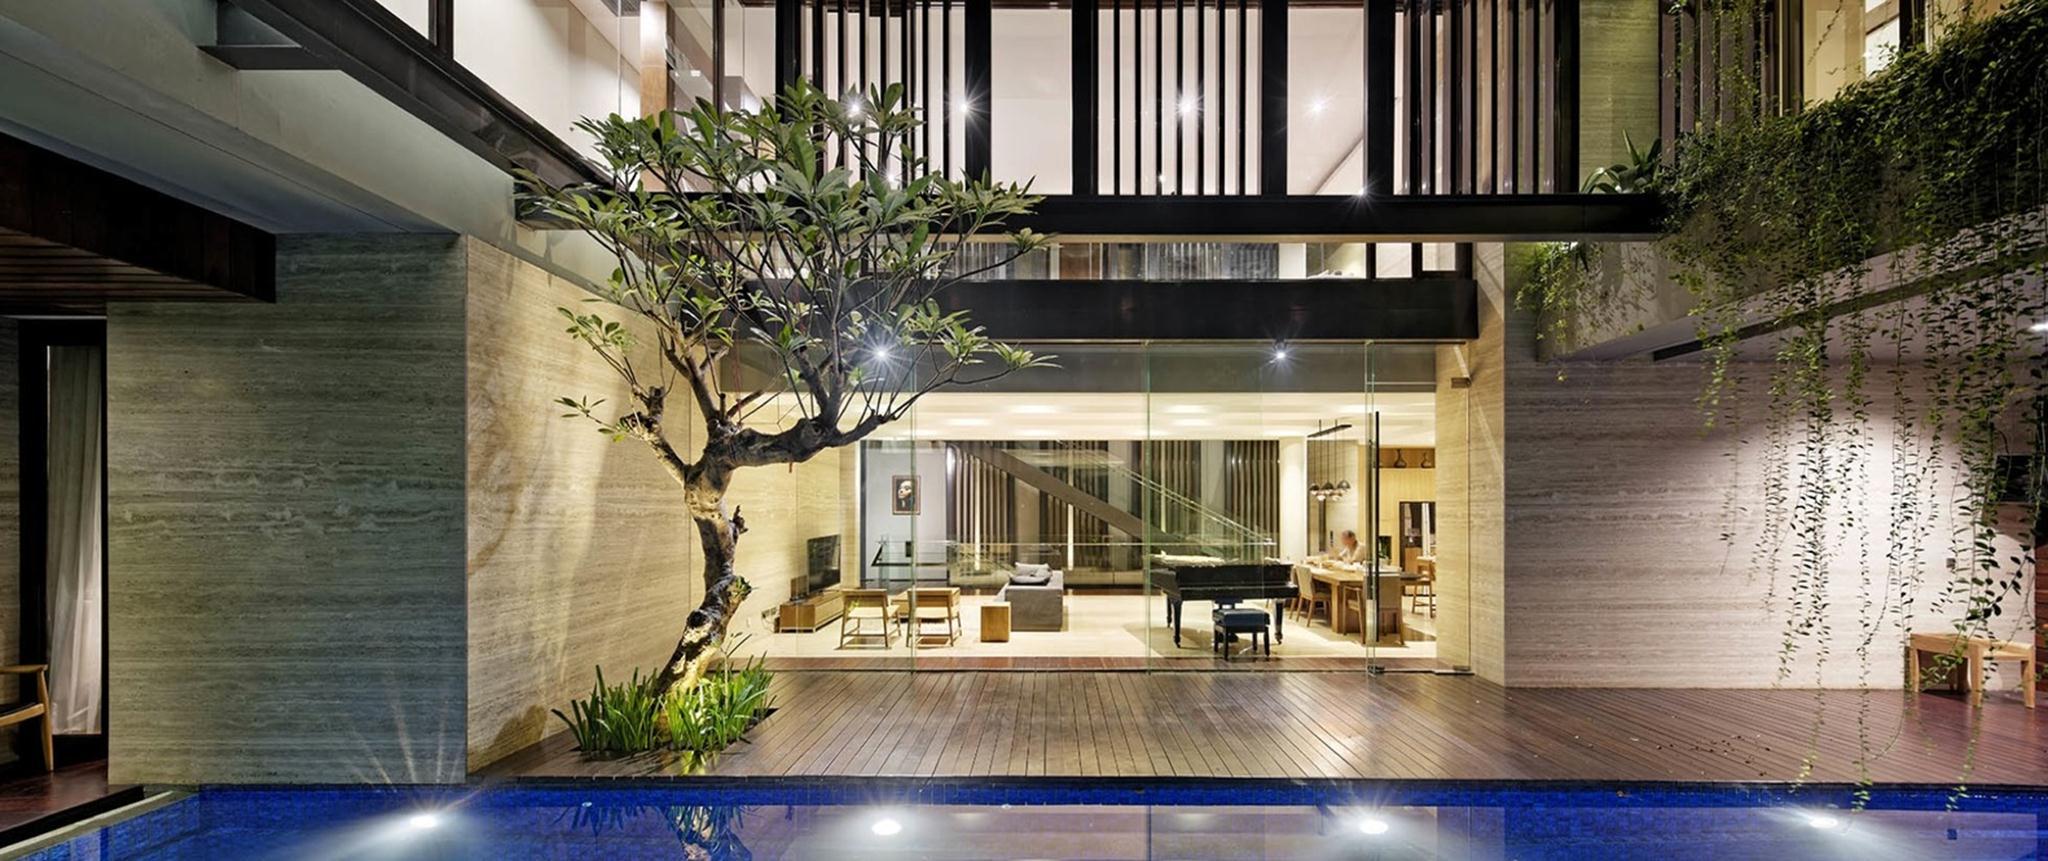 Các khung kính được thiết kế bằng gỗ và kim loại có hoa văn nổi tạo nên sự độc đáo cho ngôi nhà.